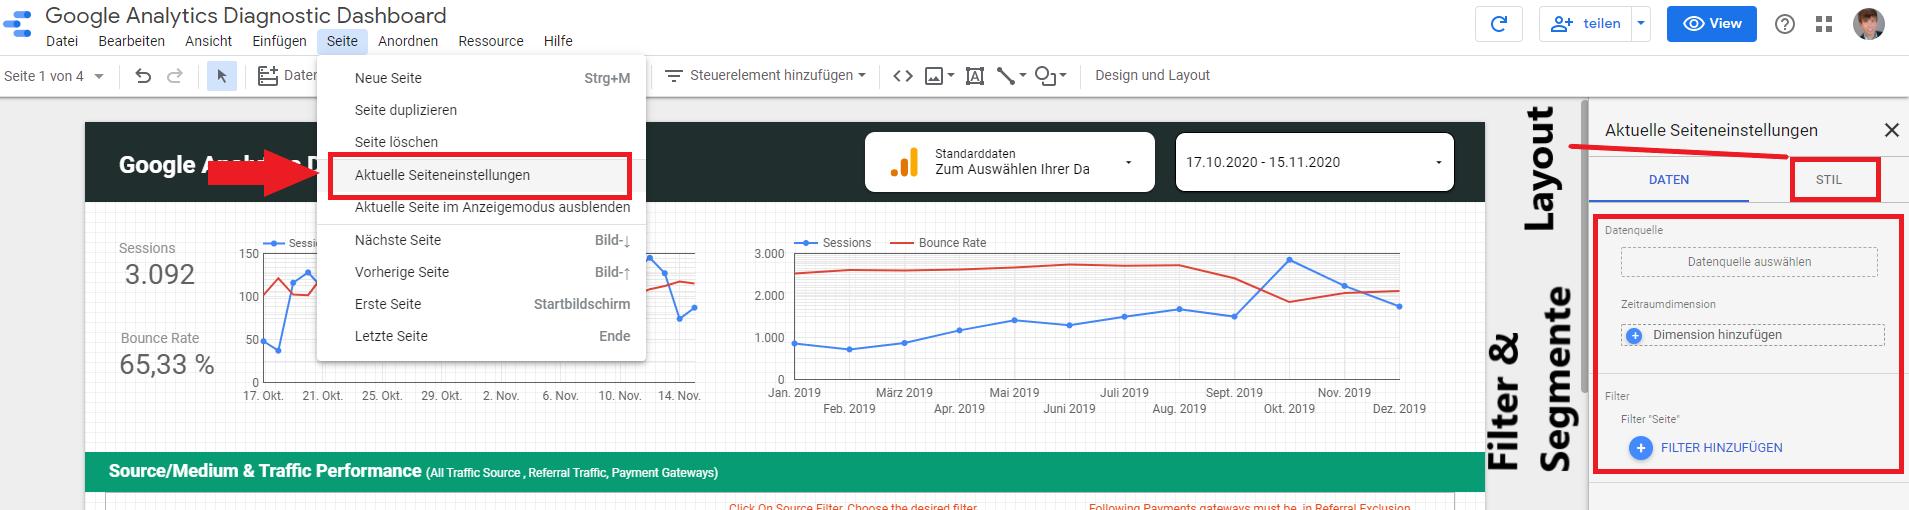 Wie man im Google Data Studio Filter und das Layout auf Seitenebene einstellt